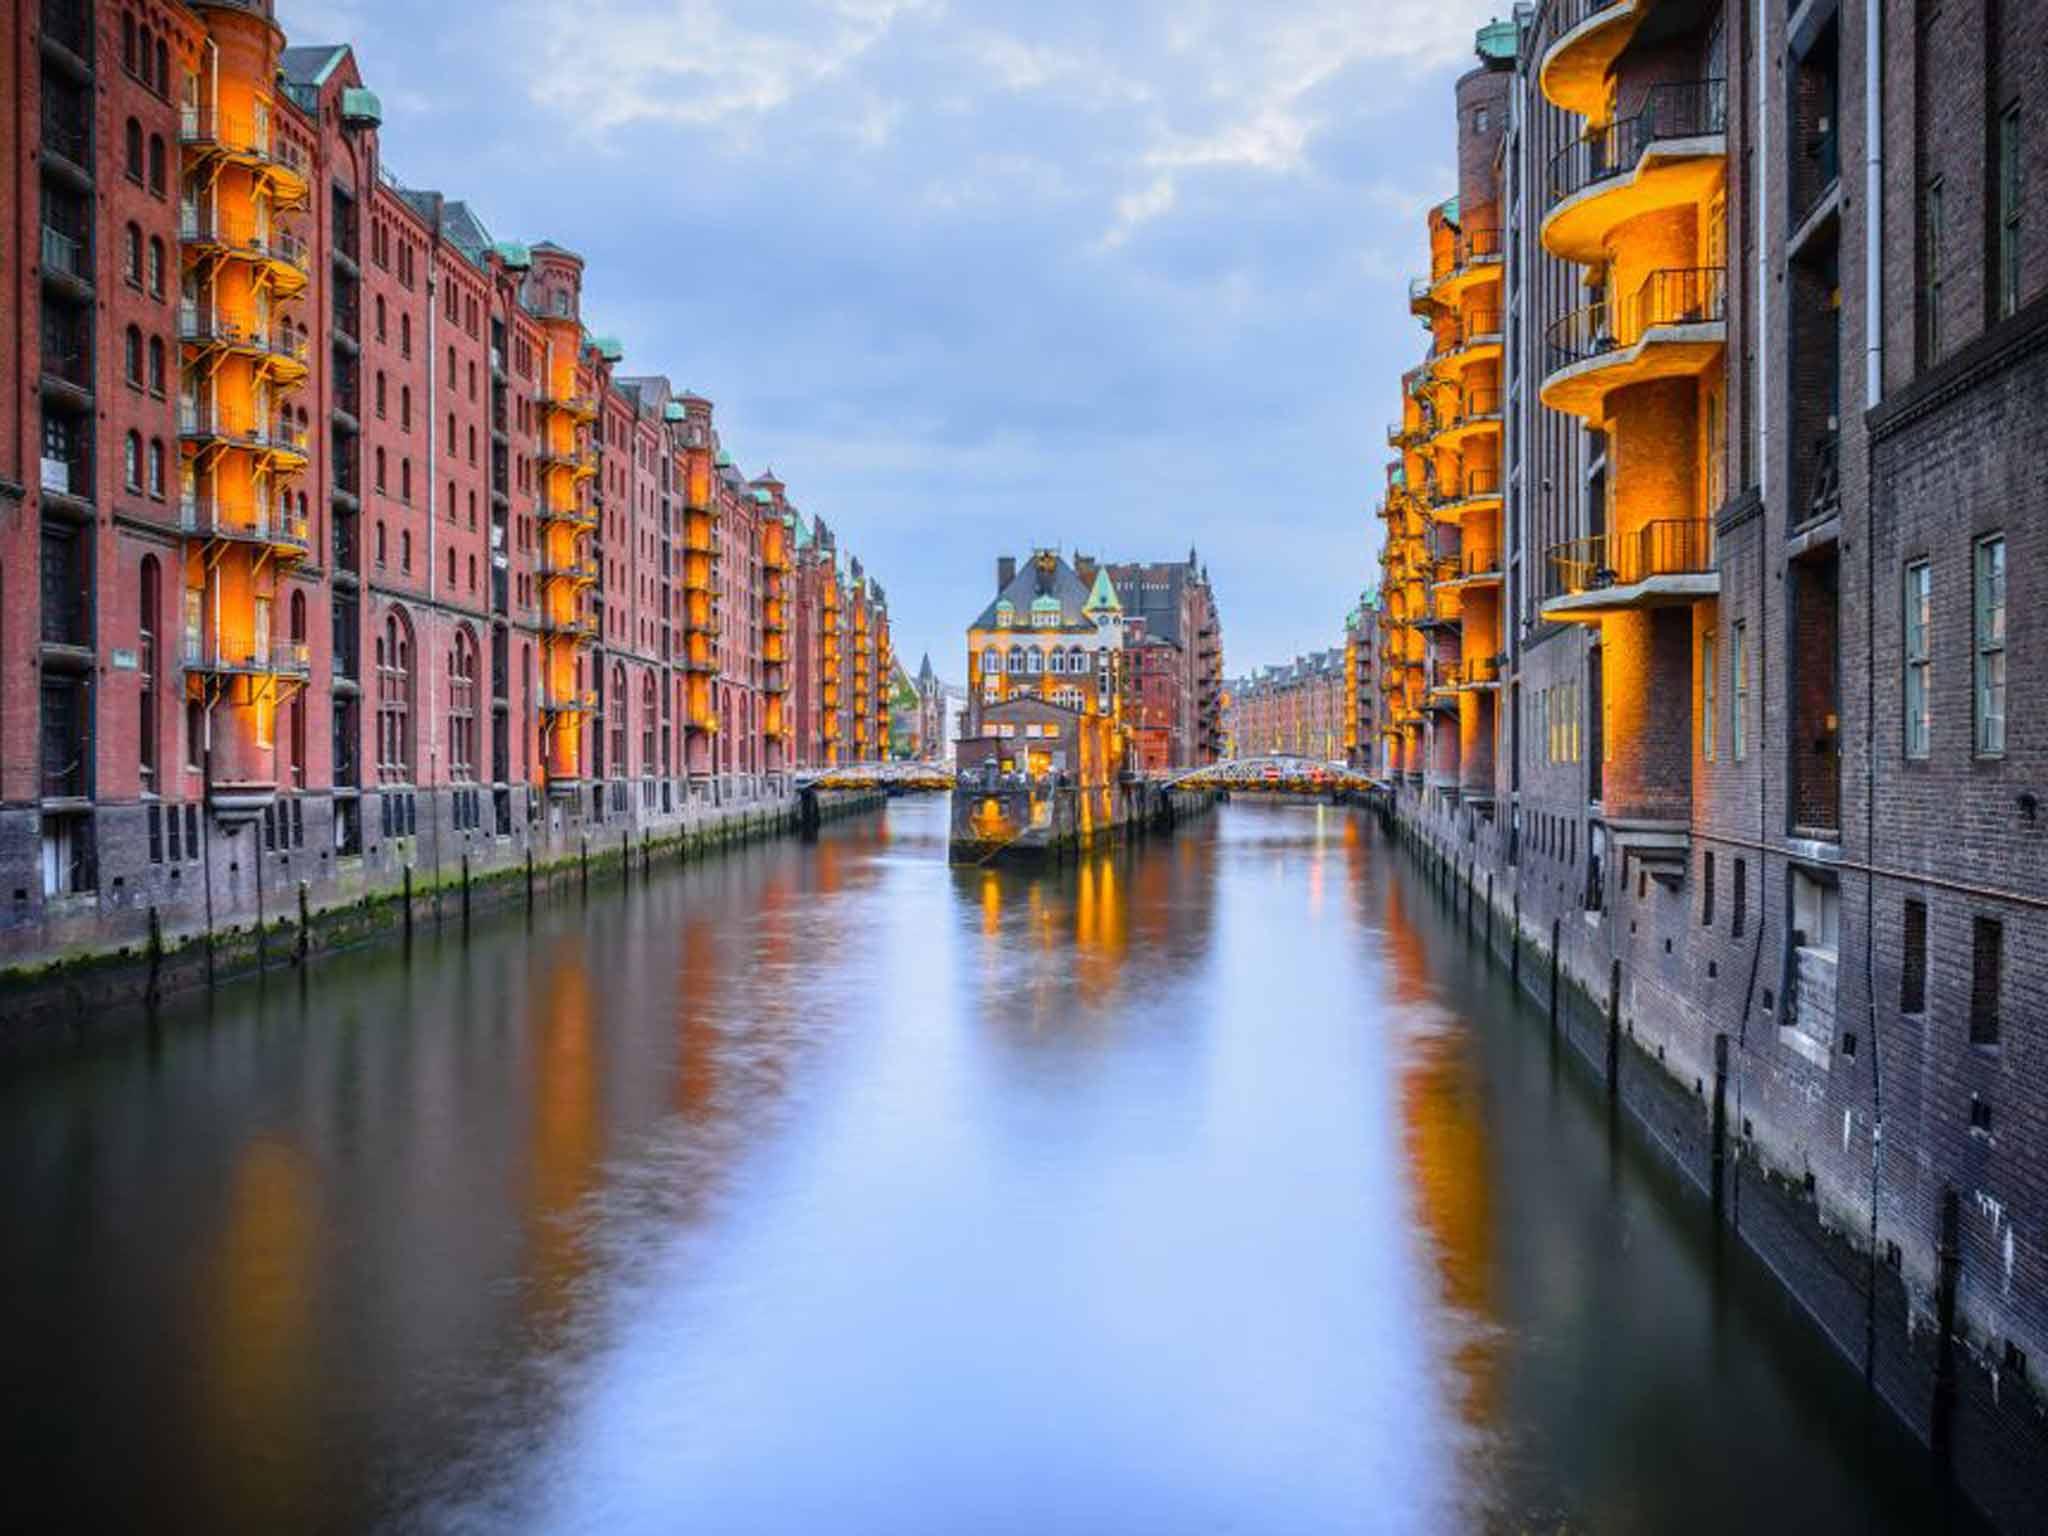 german city breaks  from berlin u0026 39 s nightlife to leipzig u0026 39 s